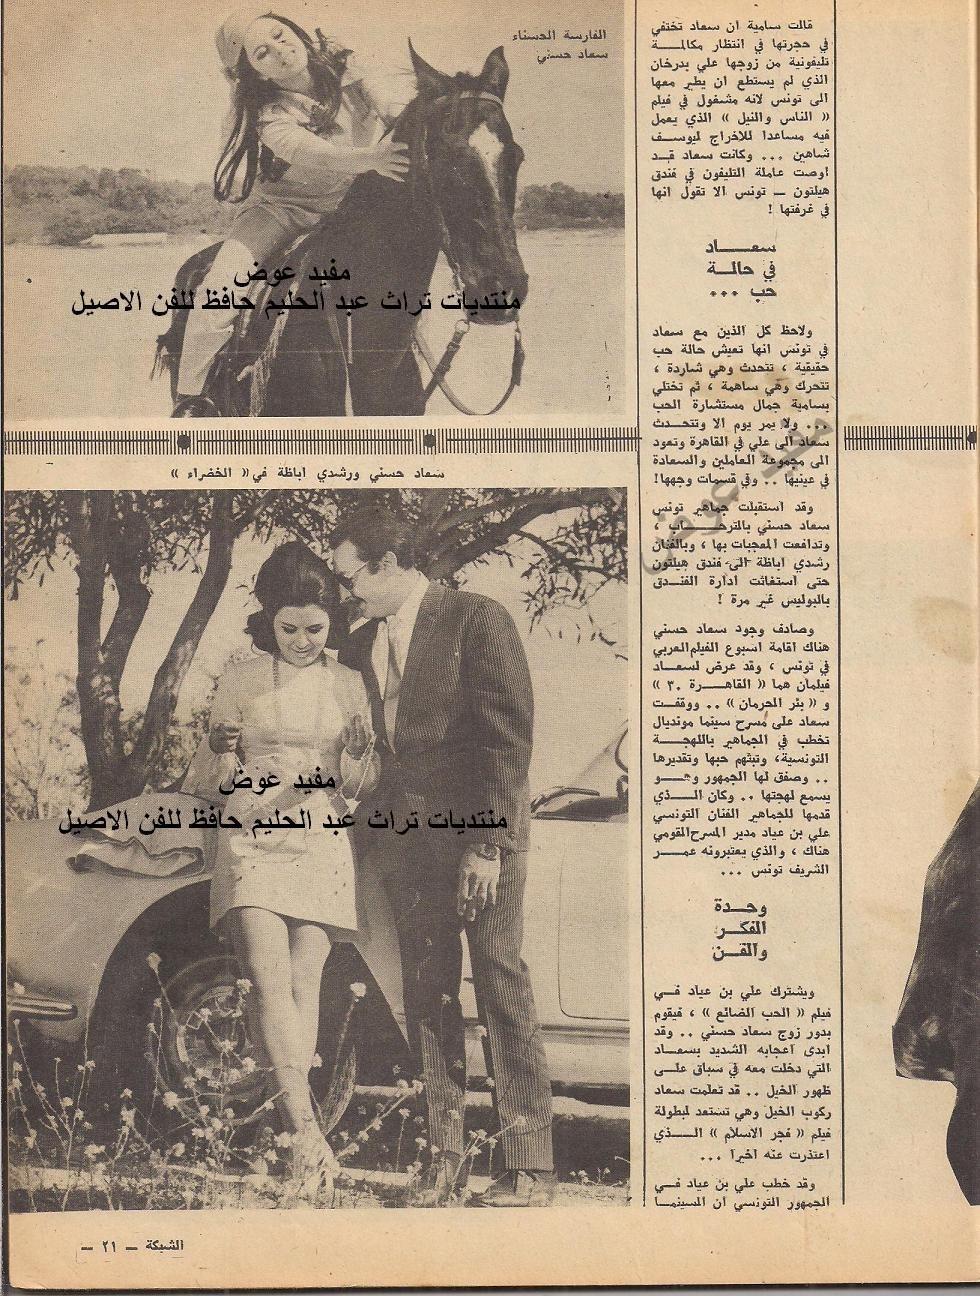 مقال - مقال صحفي : سعاد حسني في تونس والقلب في القاهرة 1970 م 2135